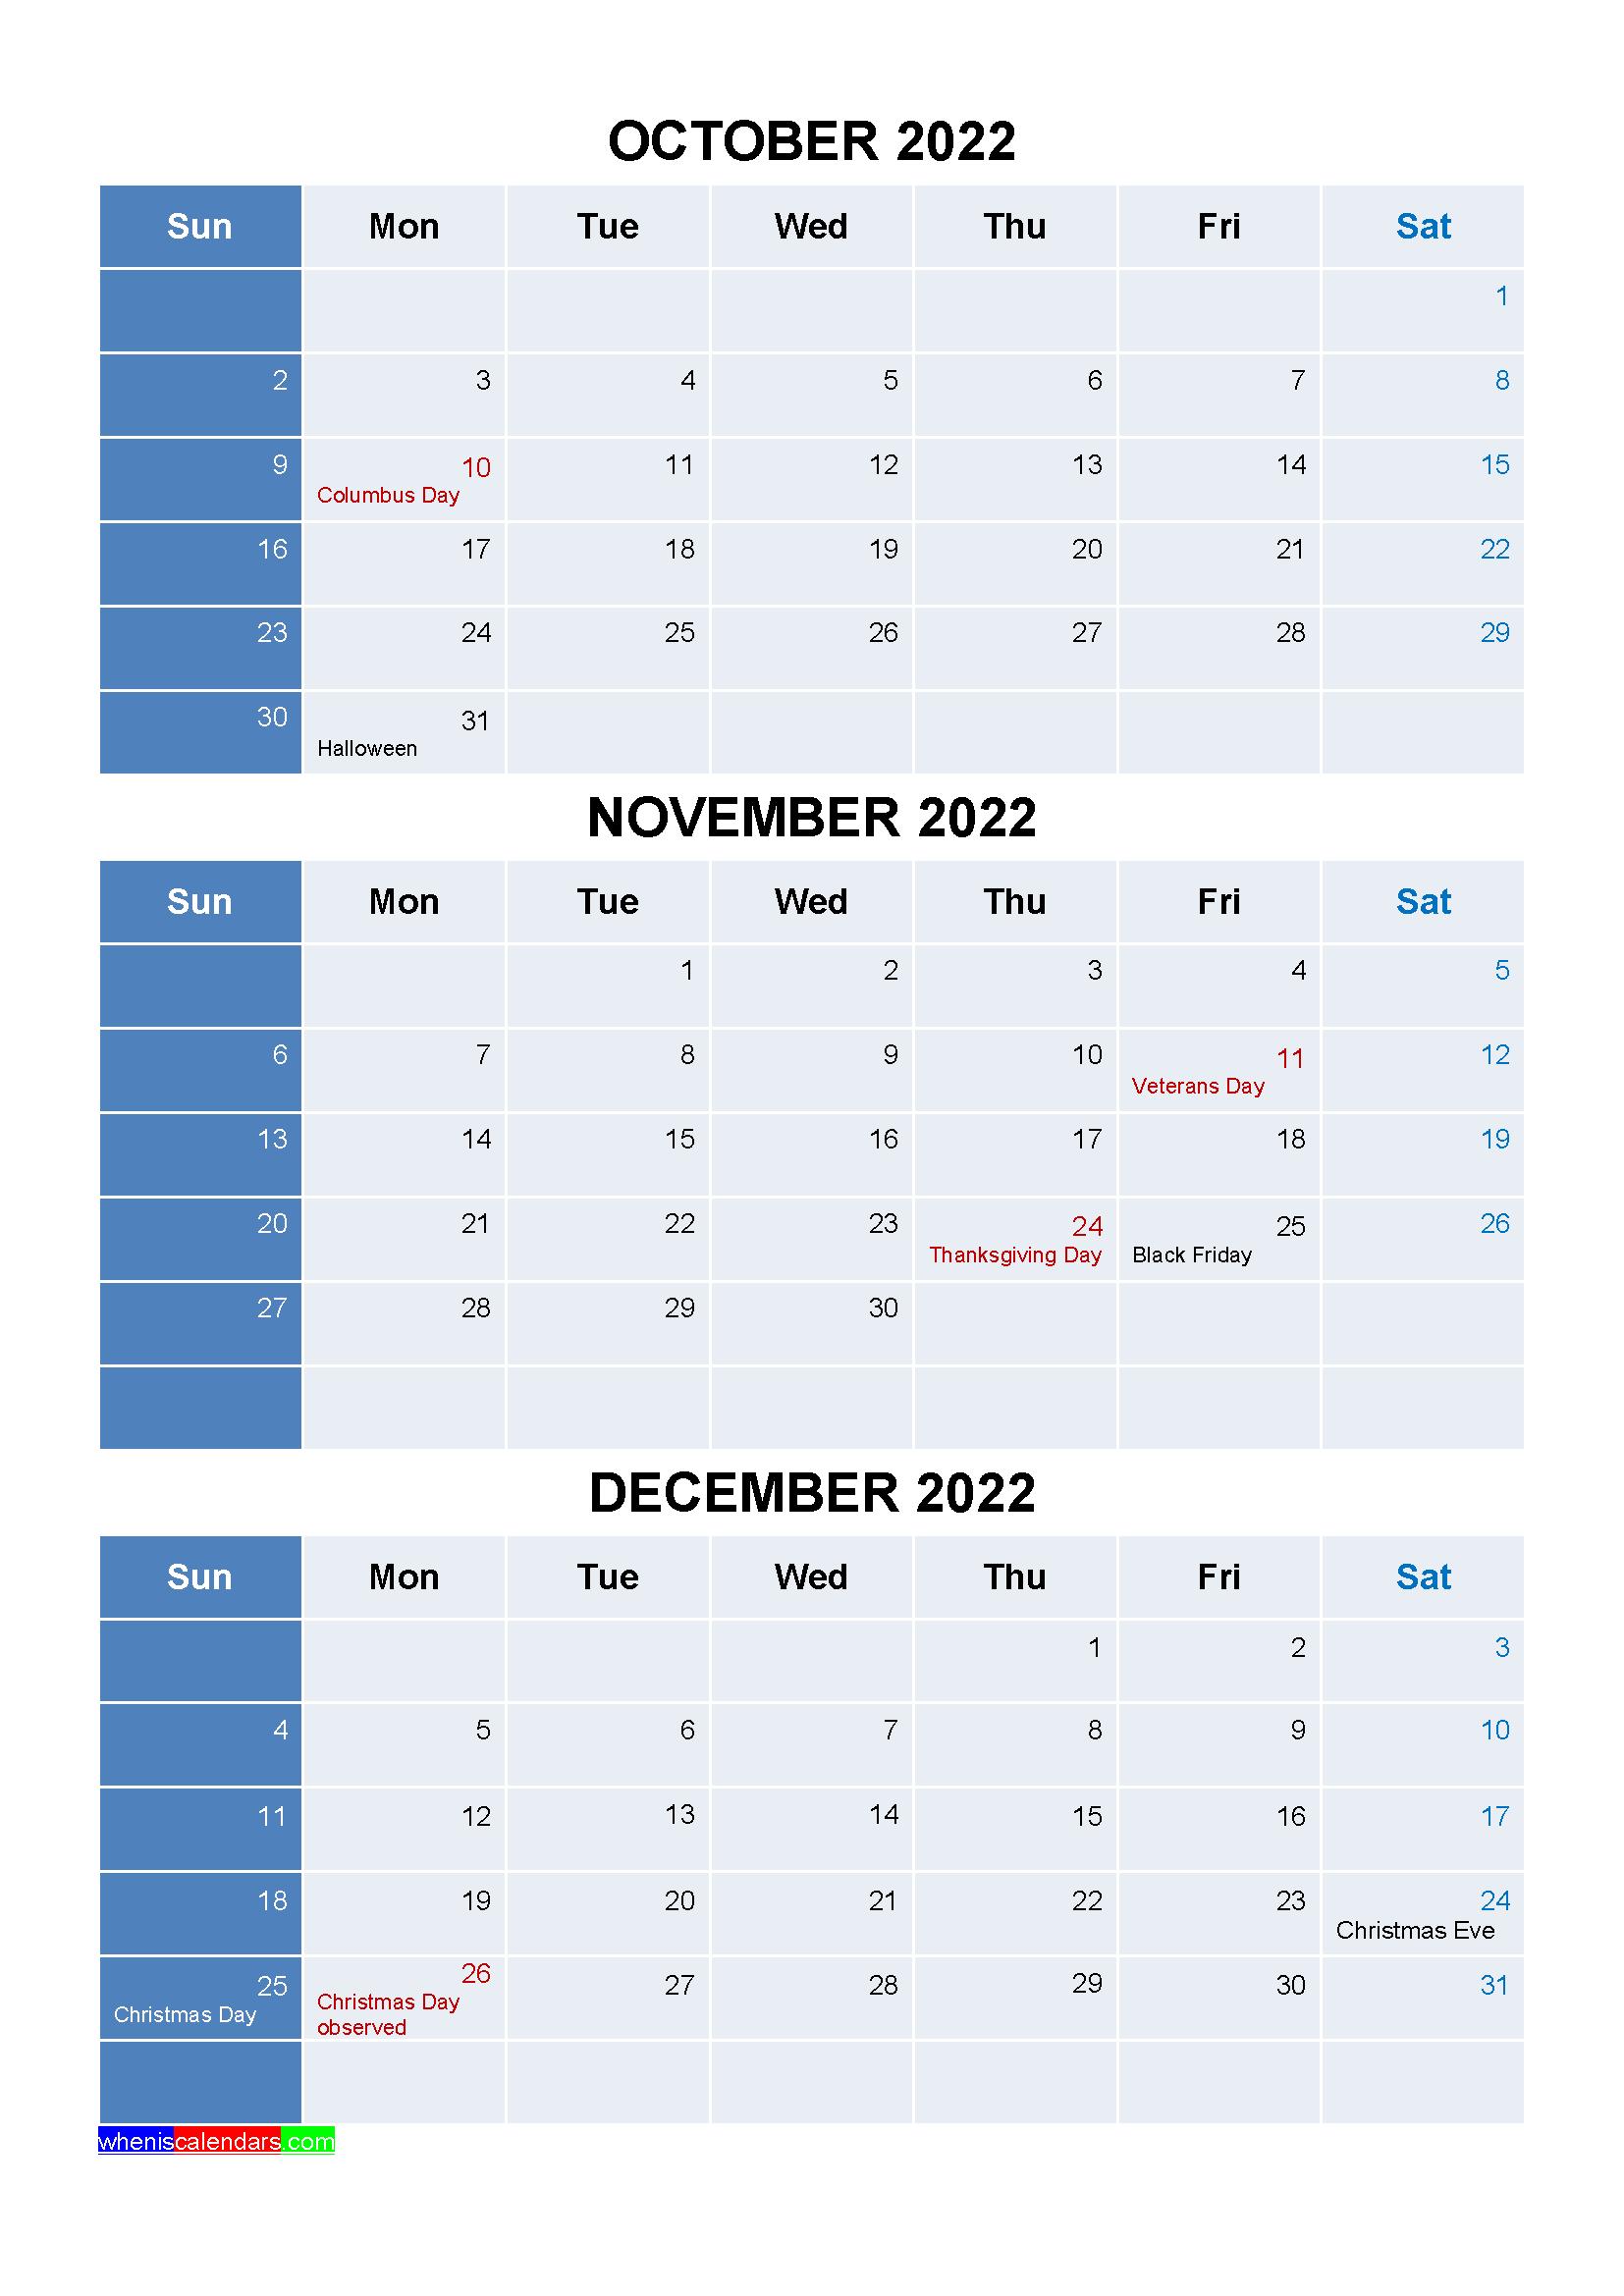 January February March 2022 Calendar.Free October November December 2022 Calendar With Holidays Four Quarters Calendar Printables Calendar Template 2021 Calendar